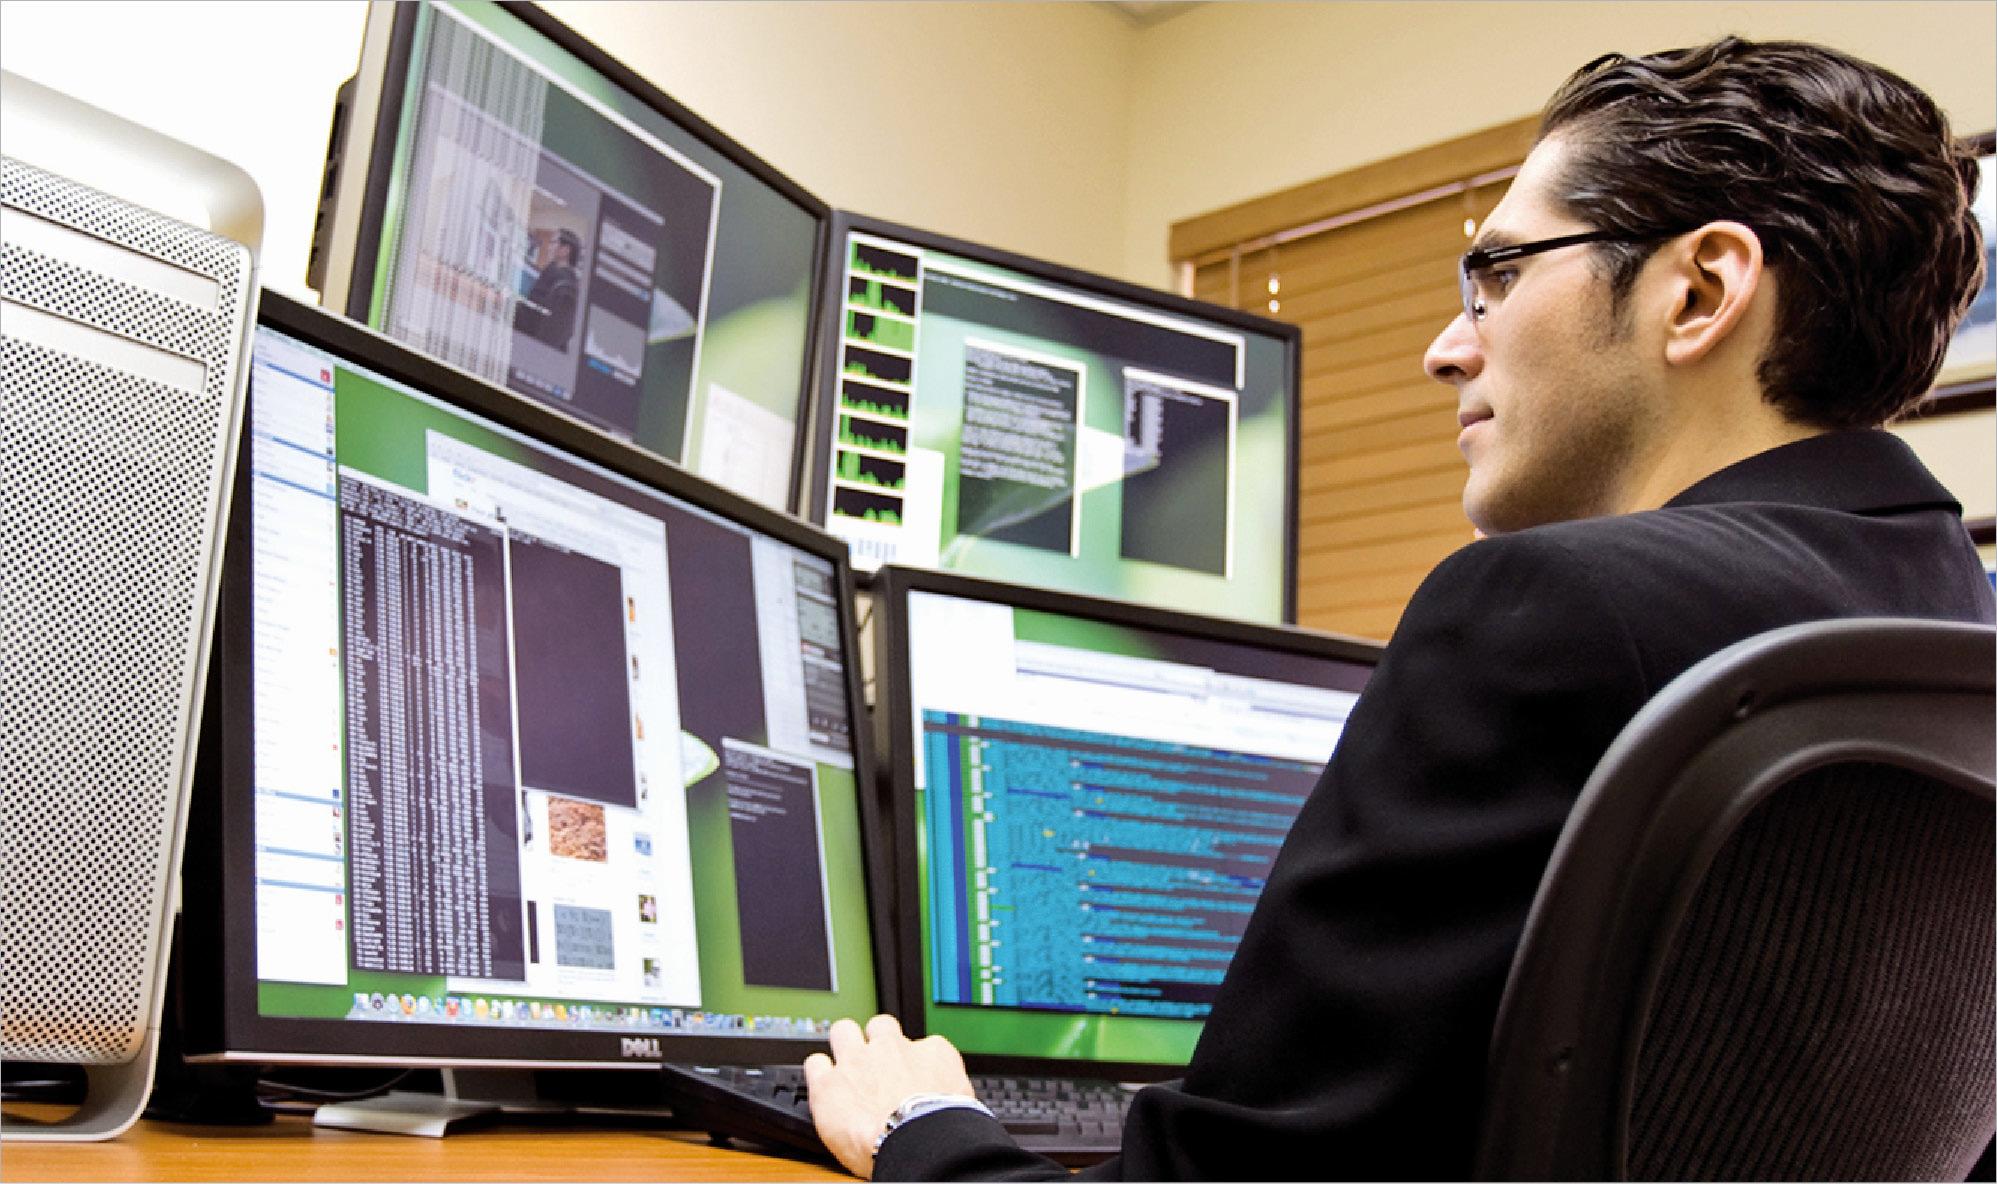 Khóa học Chuyên gia quản trị mã nguồn mở Linux - Linux Master